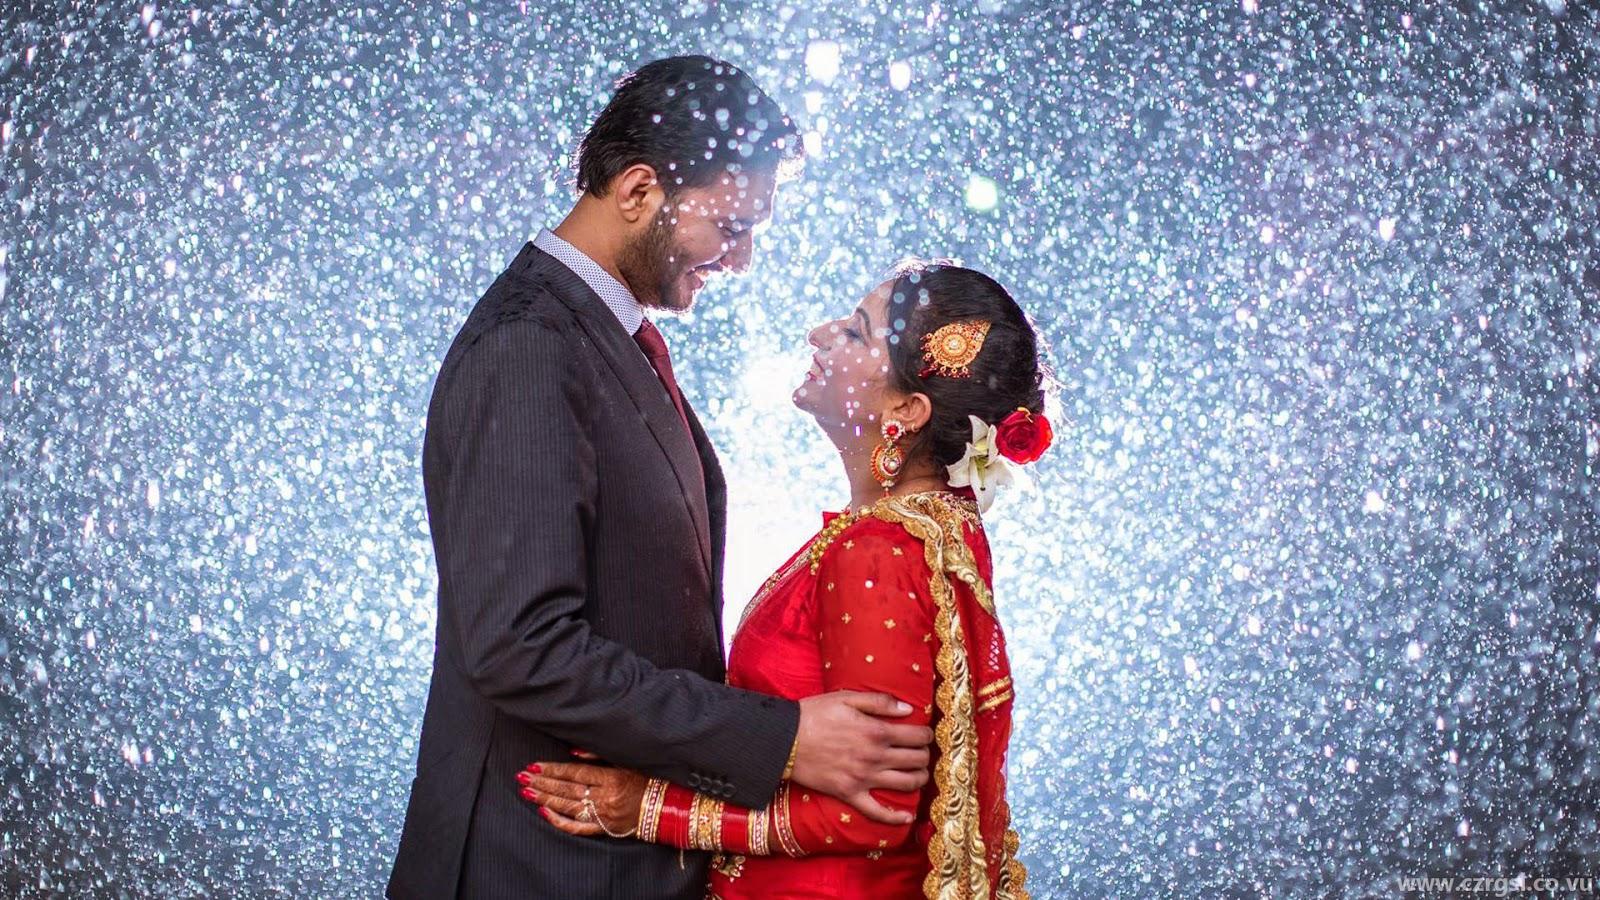 Newly Married Punjabi Couple Hd Wallpaper Wedding Couple Images Hd 1600x900 Download Hd Wallpaper Wallpapertip